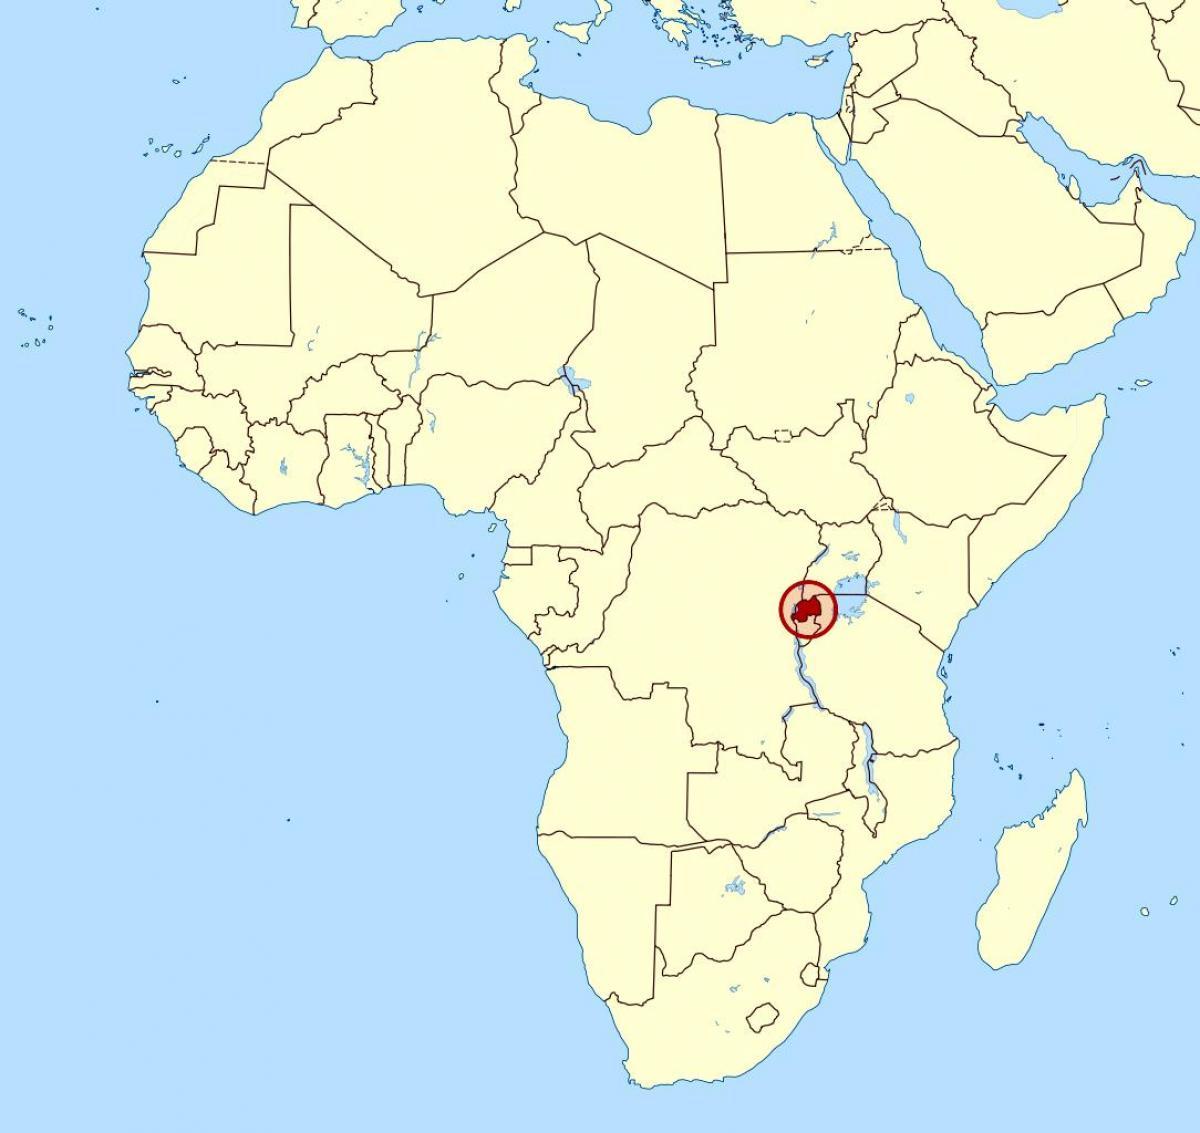 Carte Afrique Rwanda.Le Rwanda Afrique Carte Carte Du Rwanda Afrique Afrique